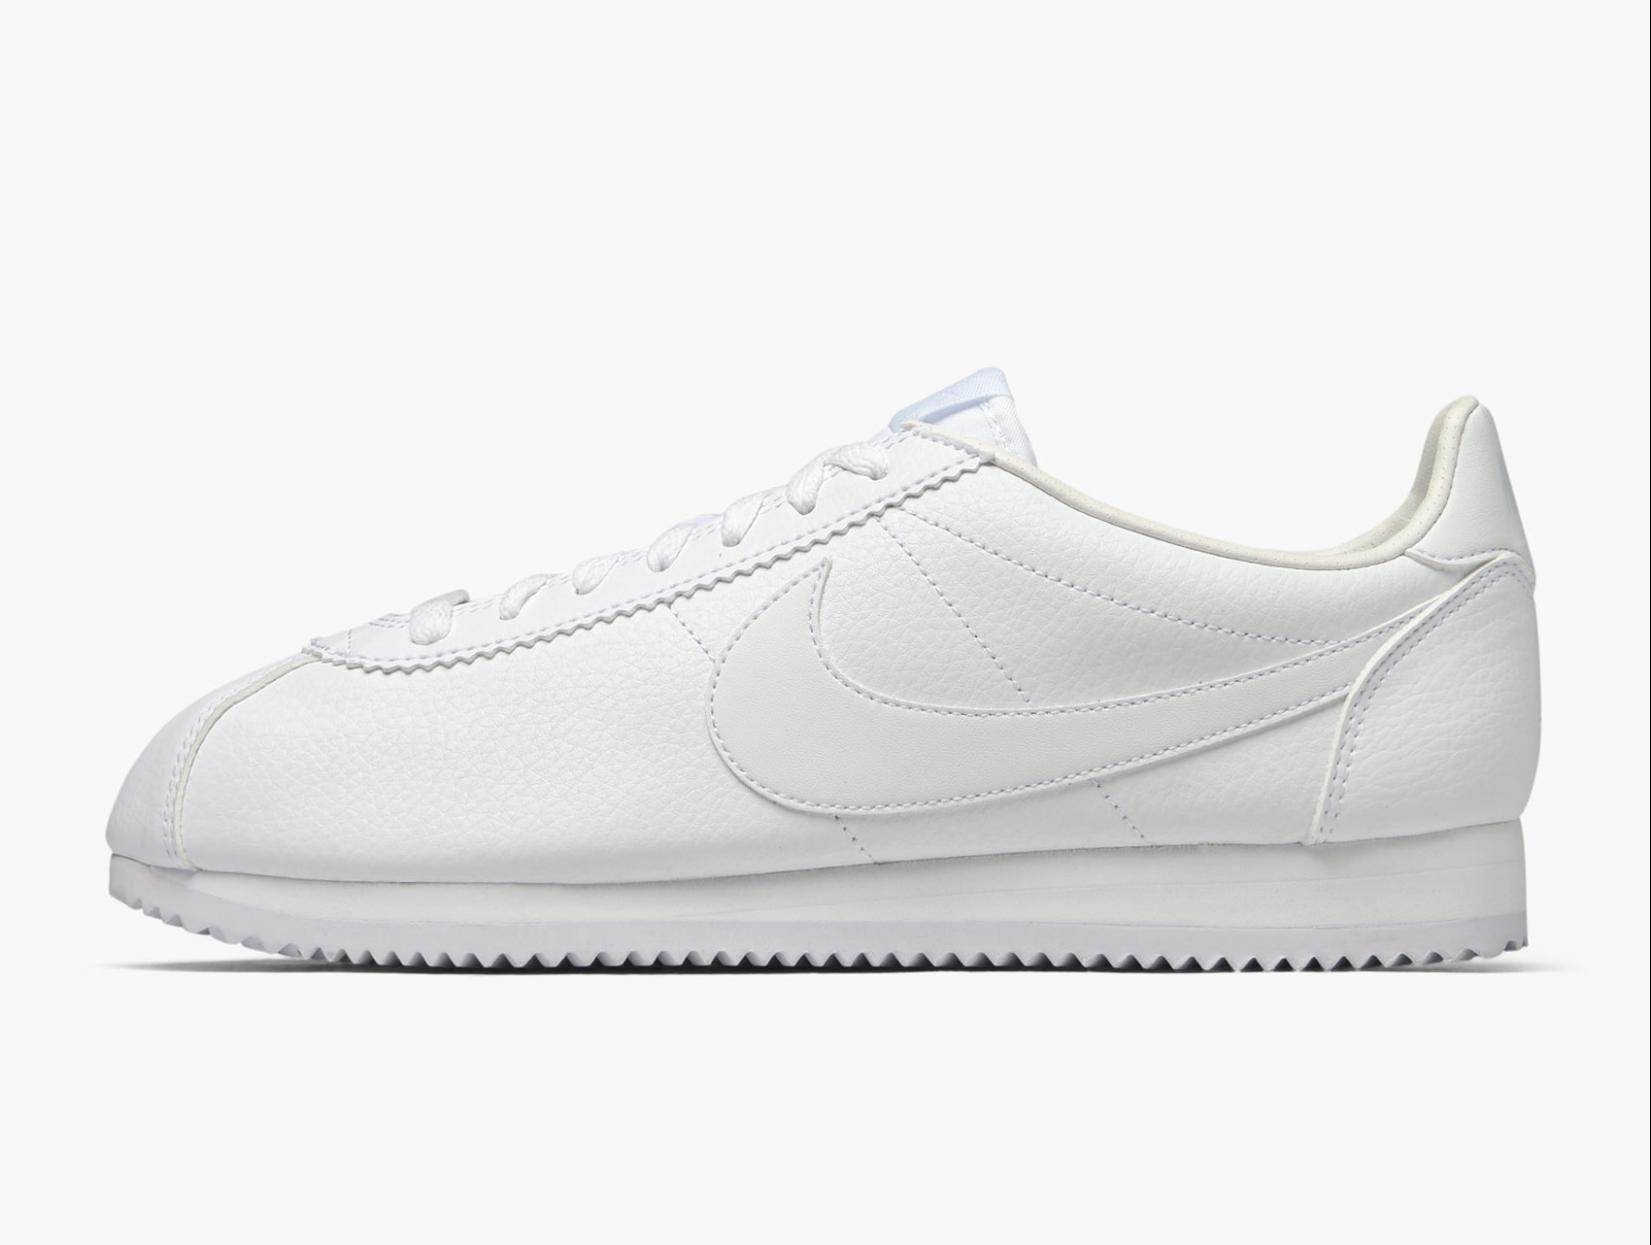 白 スニーカー ナイキ コルテッツ オール ホワイト レディース おすすめ 人気 Nike Cortez All White Sneakers